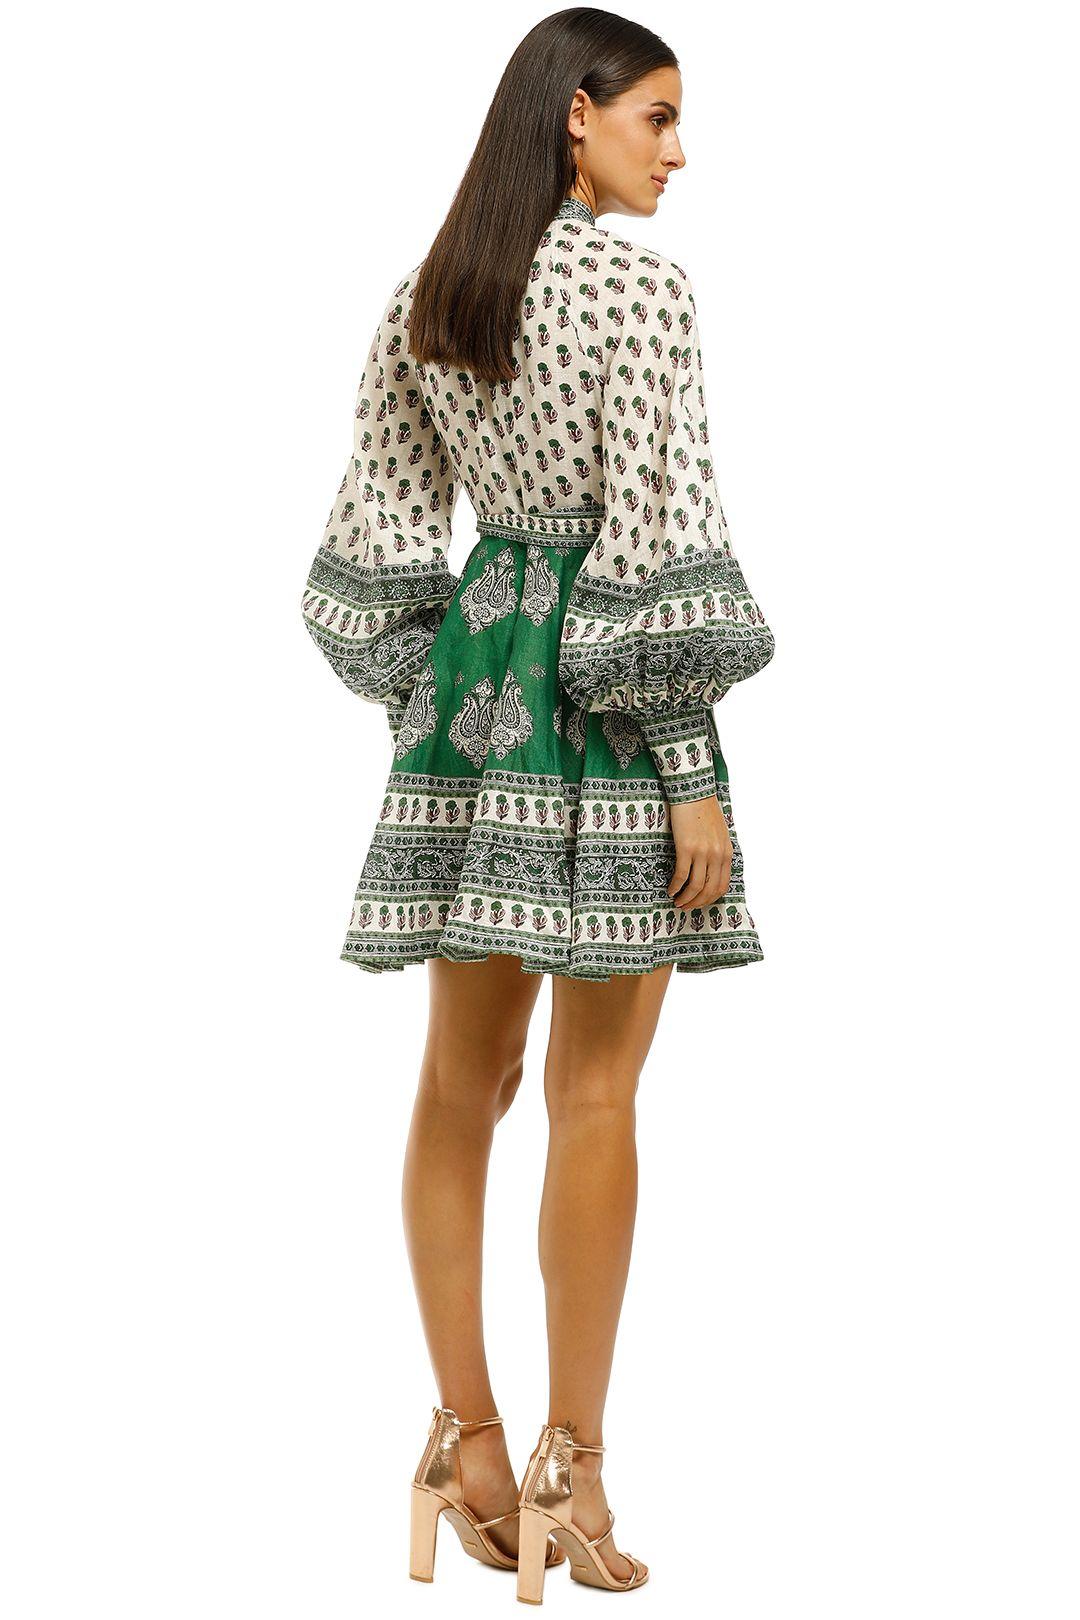 Zimmermann-Amari-Emerald-Buttoned-Dress-Green-Paisley-Back